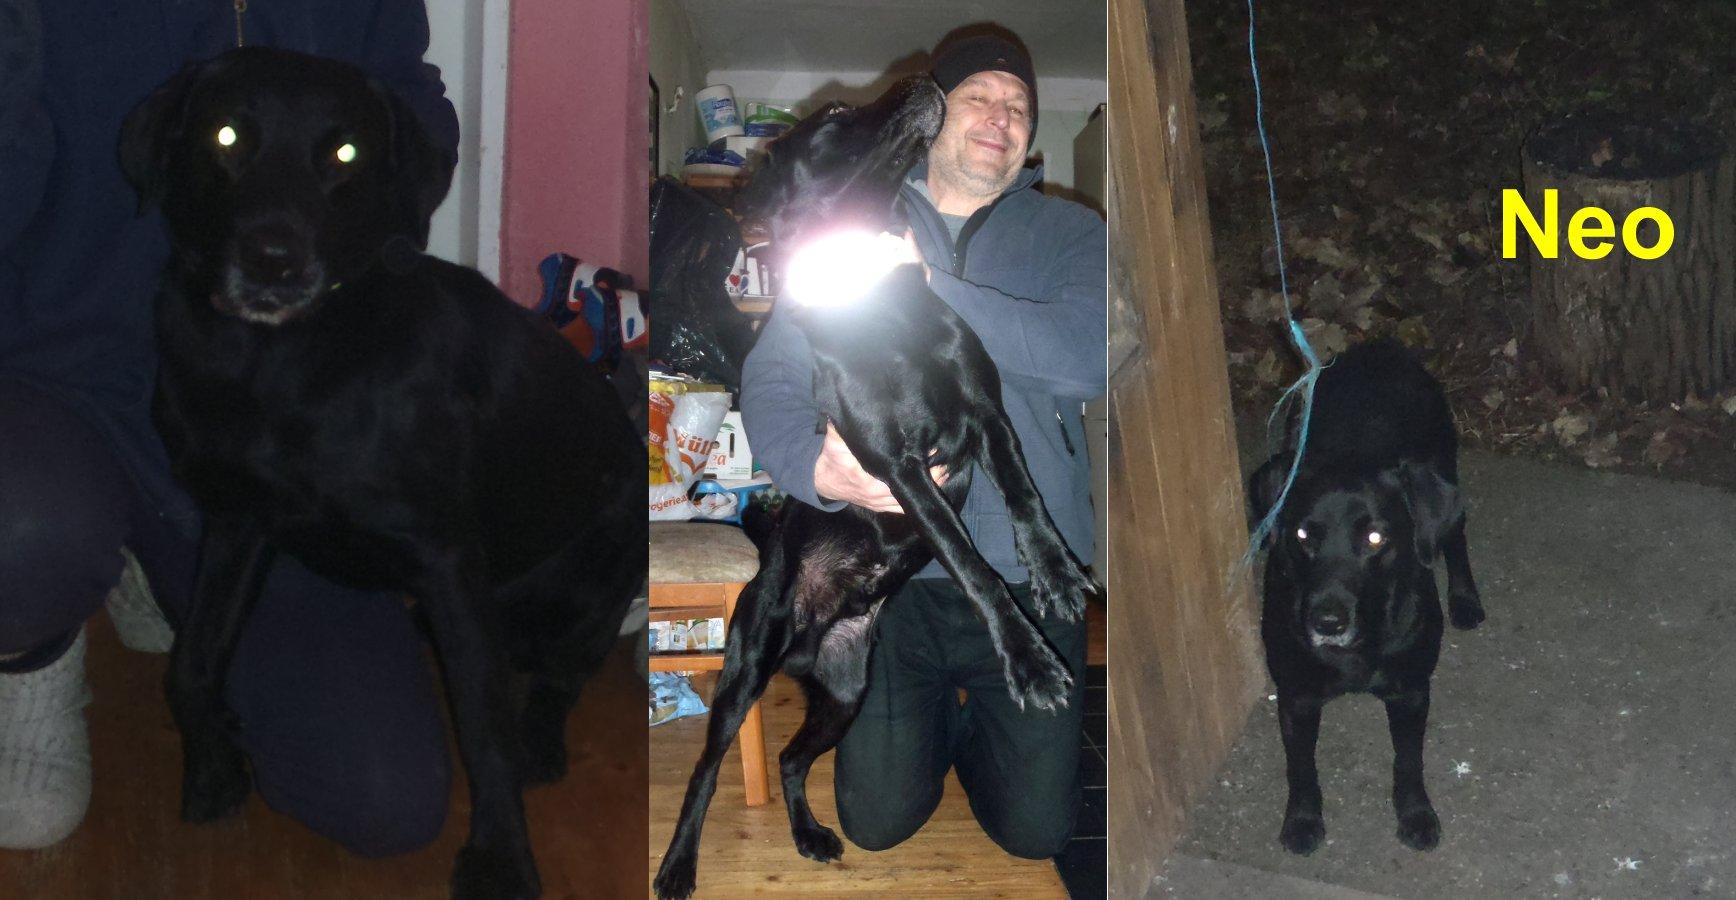 Mitten in der Nacht stand plötzlich ein riesiger schwarzer Hund vor mir Gerettet - versorgt - vermittelt: An einem Tag